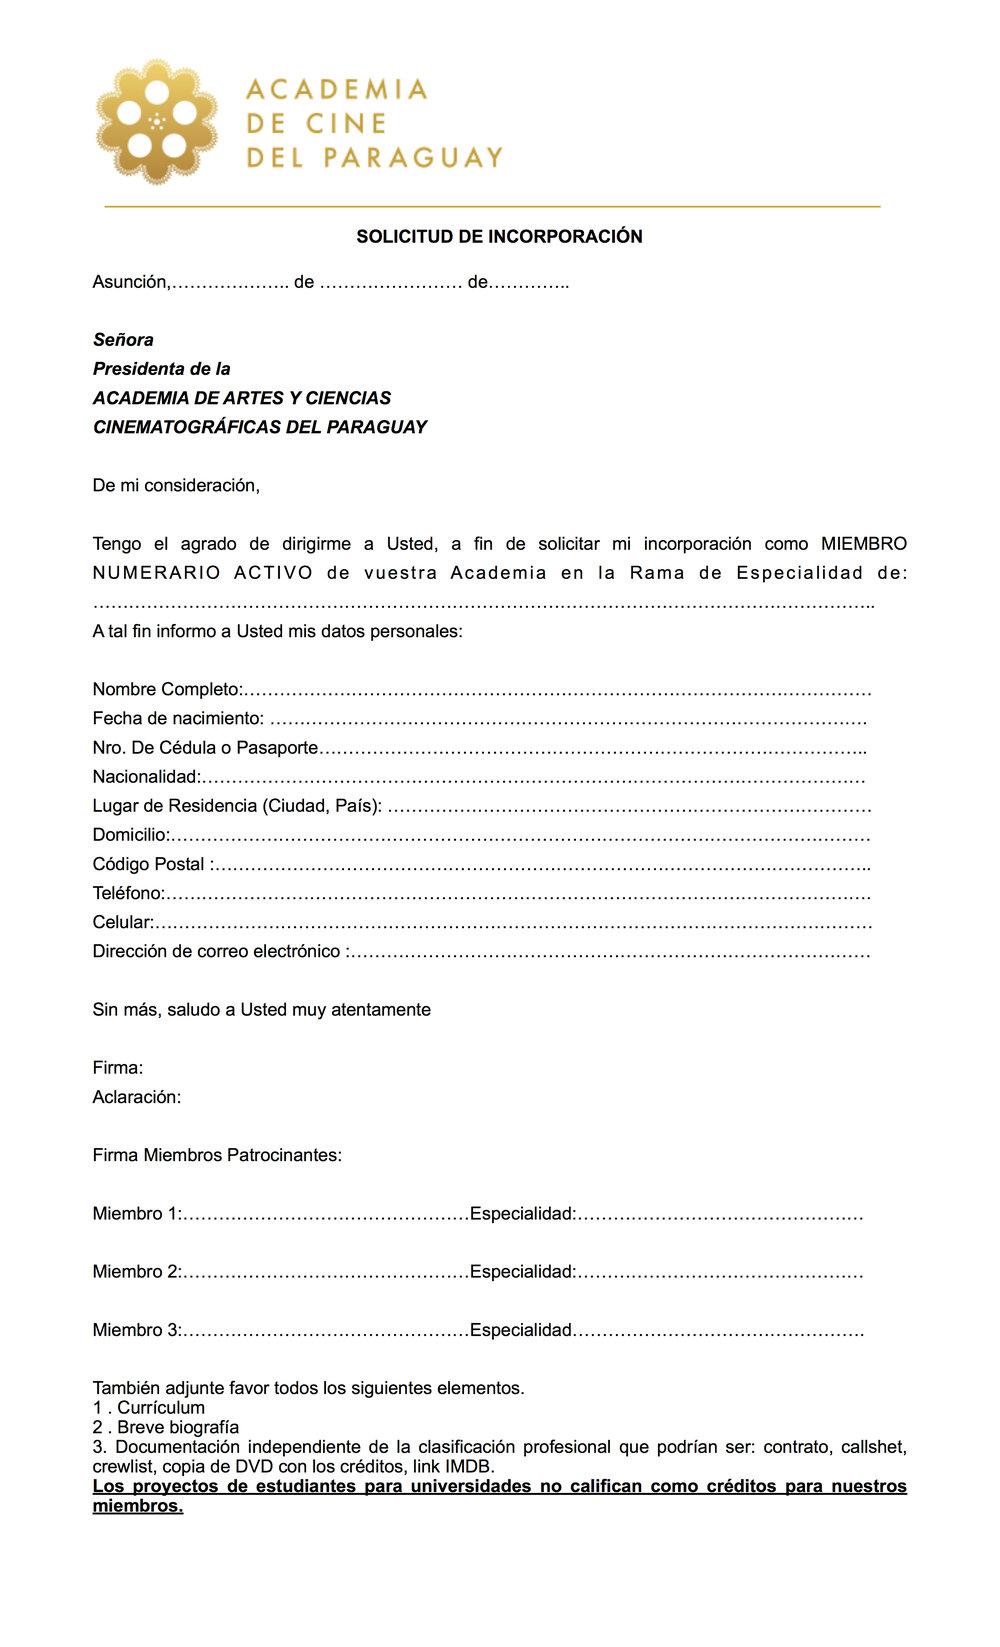 CARTA SOLICITUD DE INCORPORACIÓN.jpg